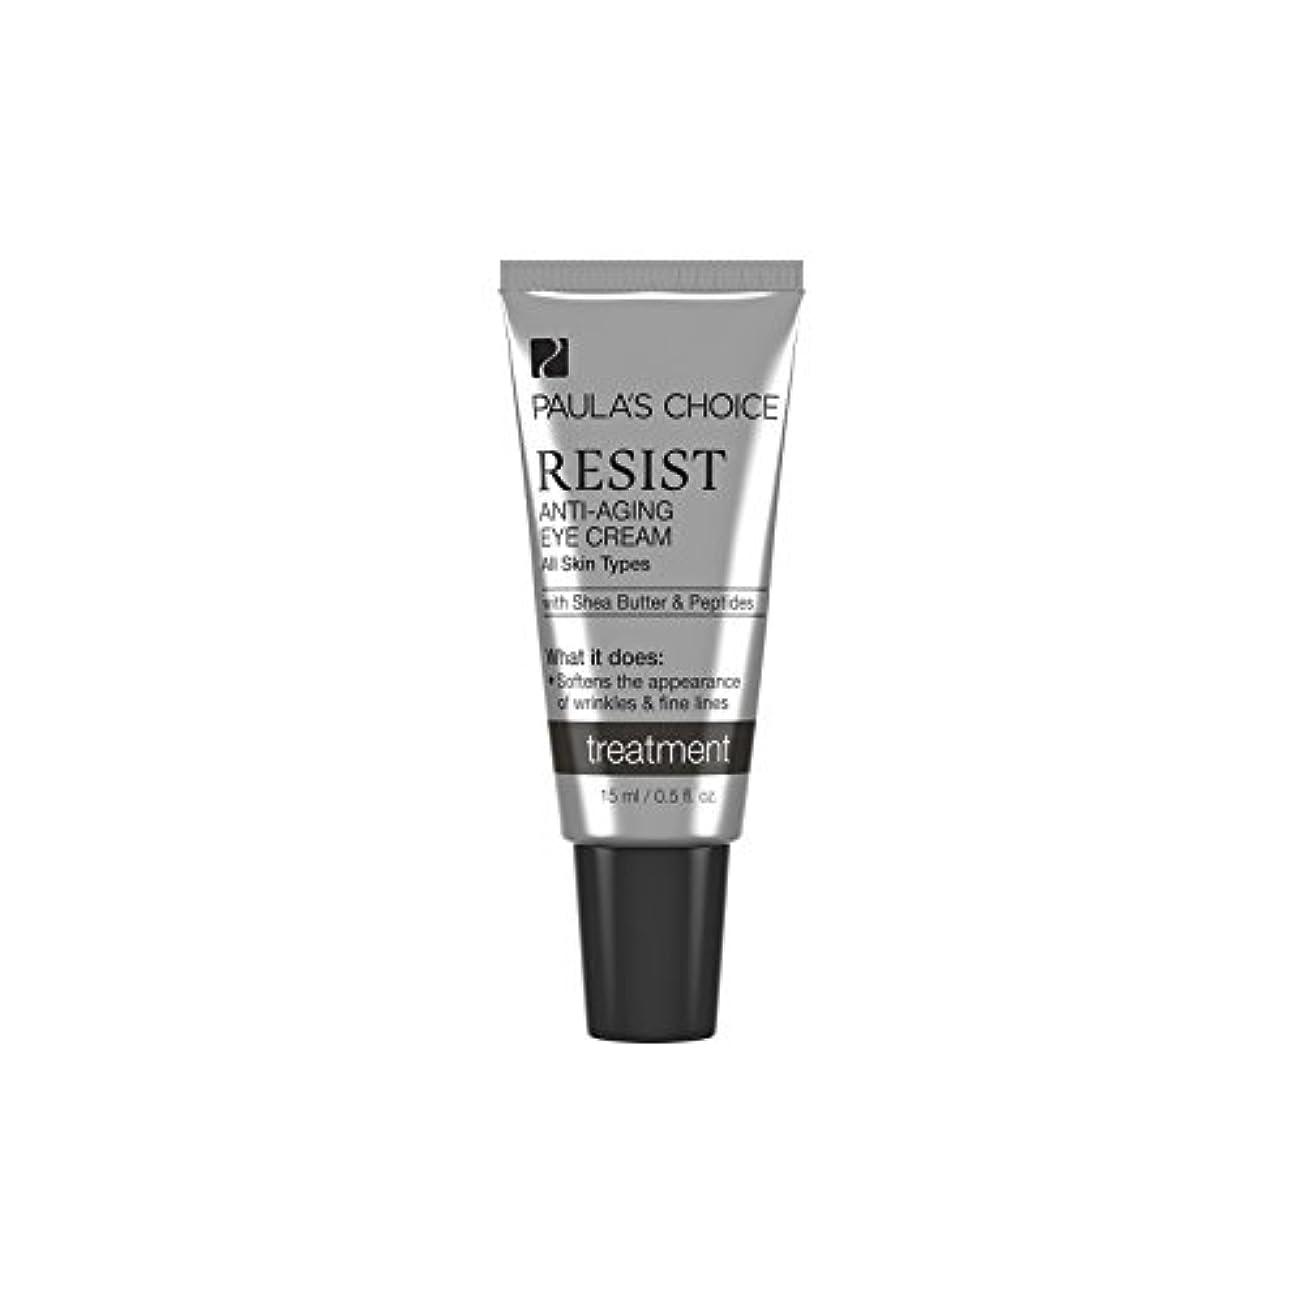 キャメル抽出栄光Paula's Choice Resist Eye Cream (Pack of 6) - ポーラチョイスは、アイクリームを抵抗します x6 [並行輸入品]